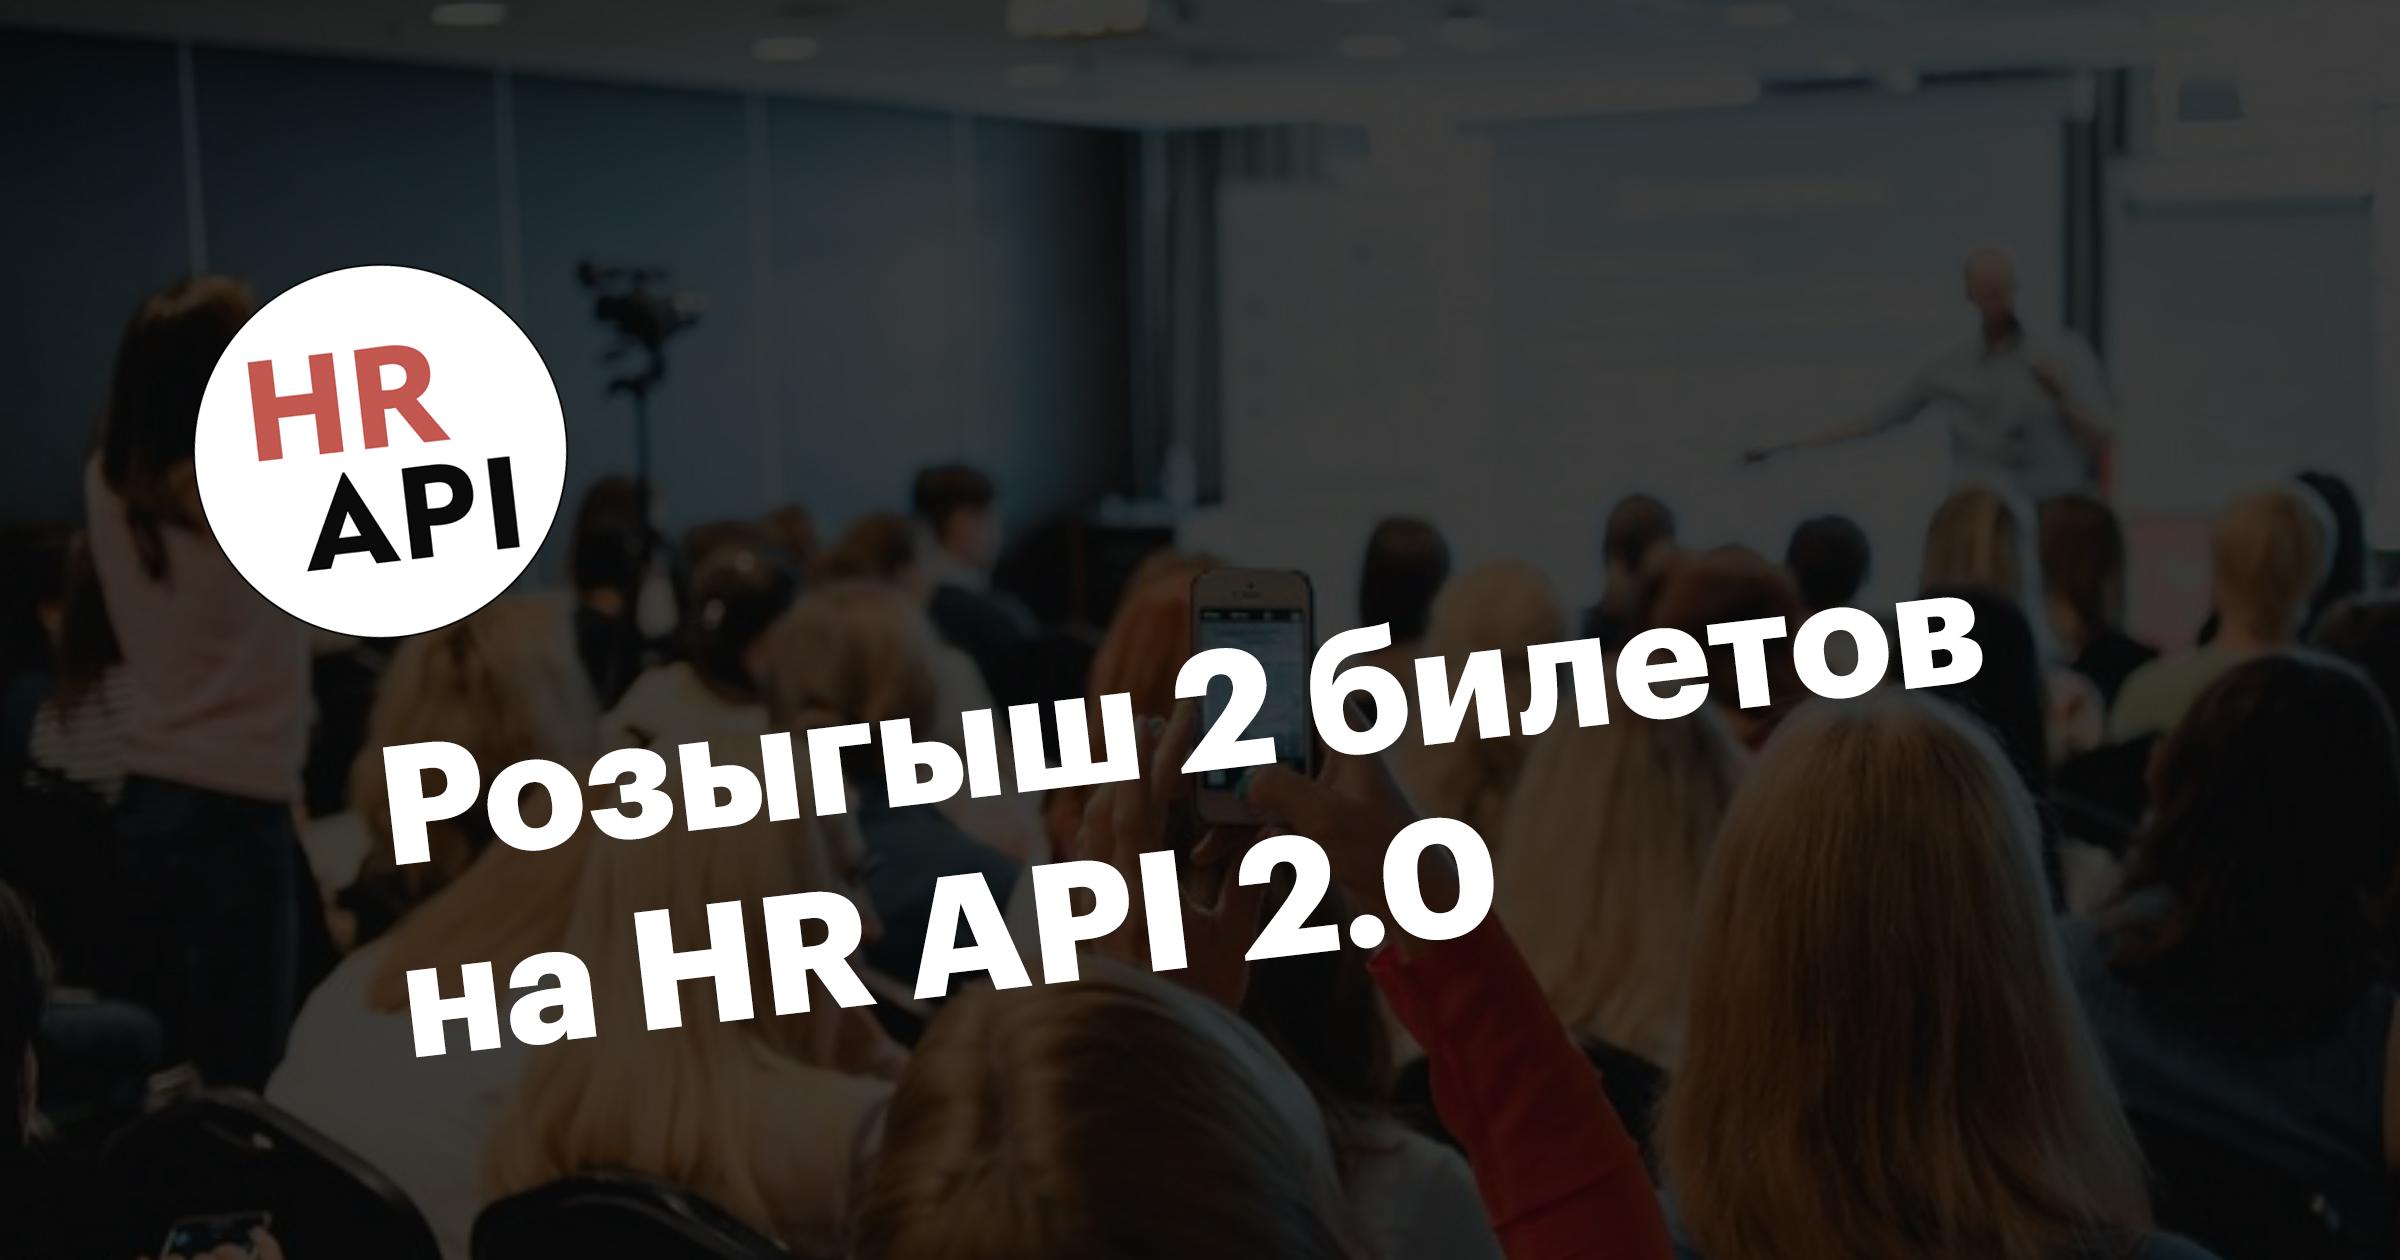 Выиграйте два бесплатных билета на HR API 2.0